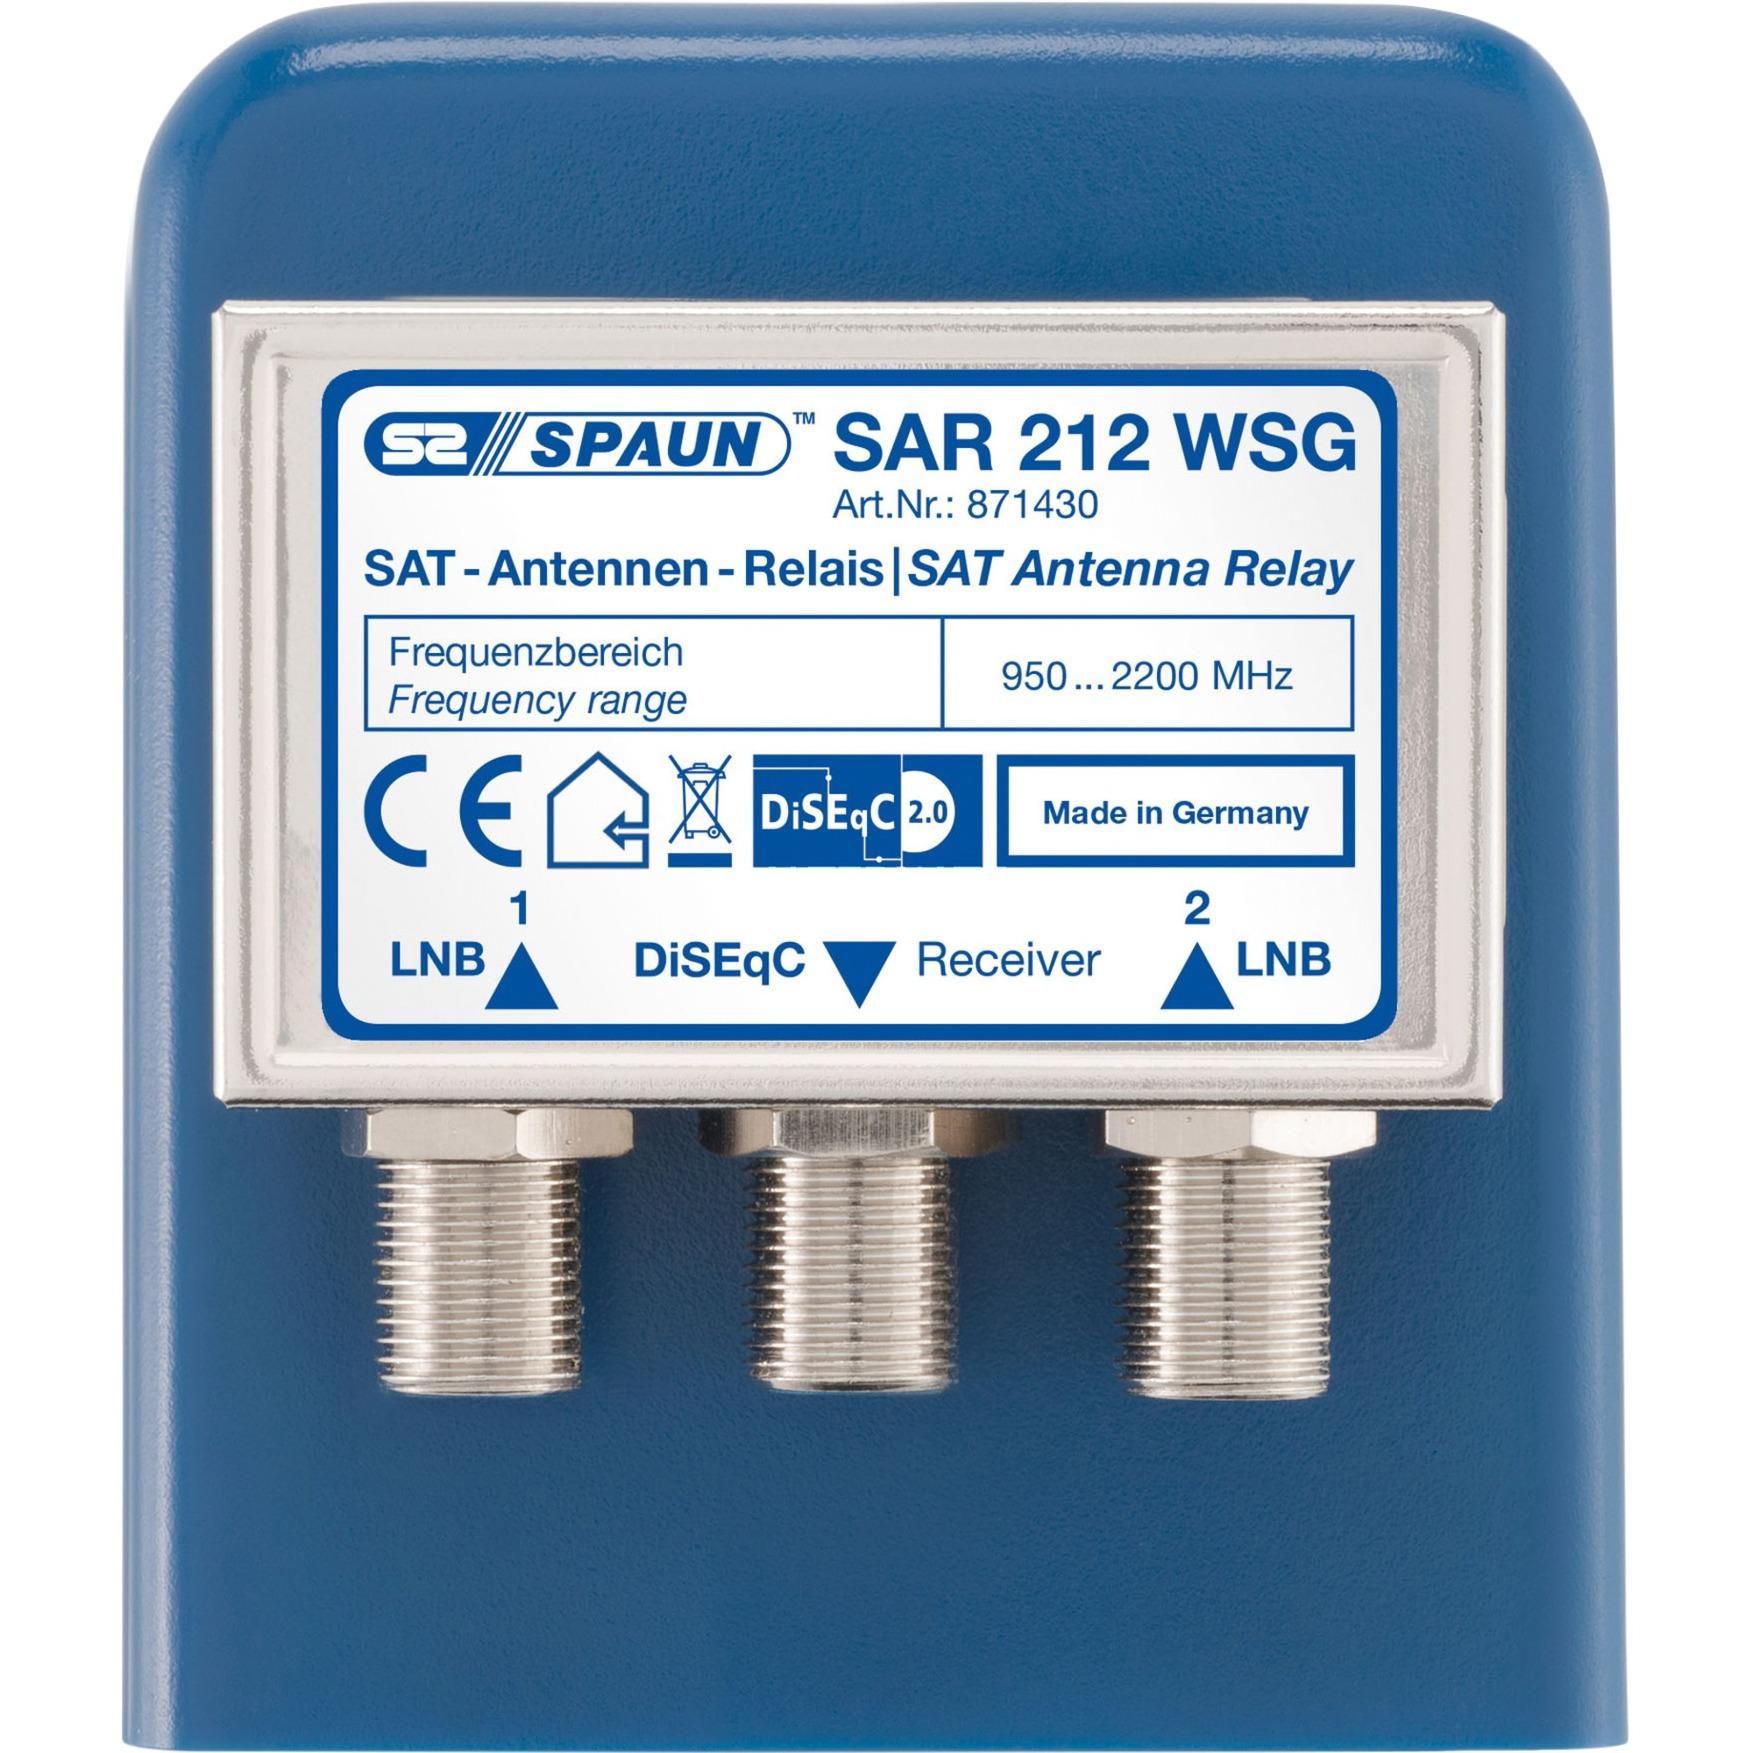 SAR 212 WSG, LNB